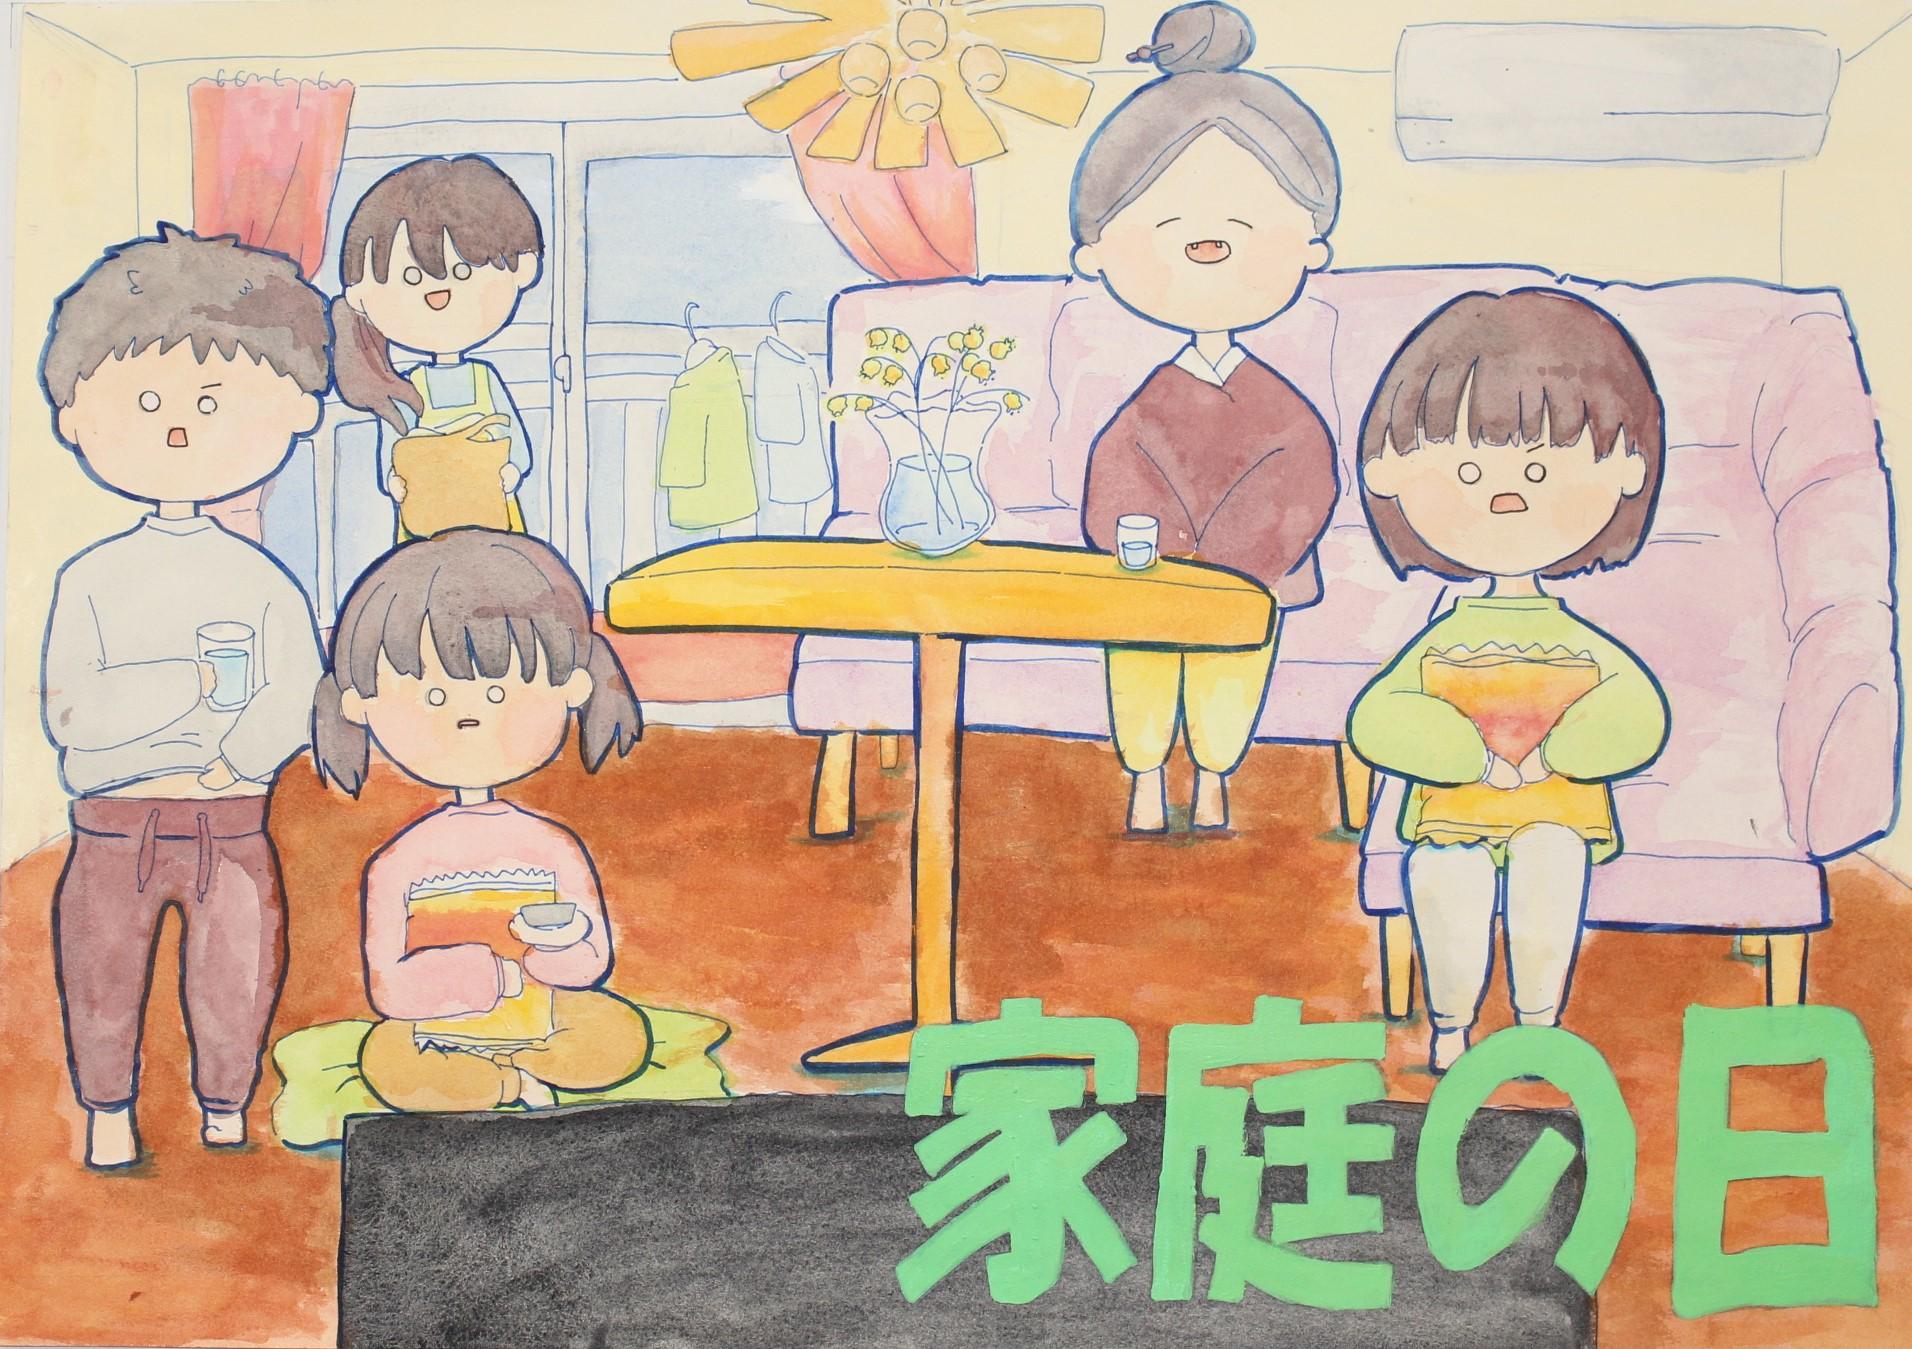 優良賞 宮崎市立加納中学校 2年 長友 琴音(ながとも ことね)さん